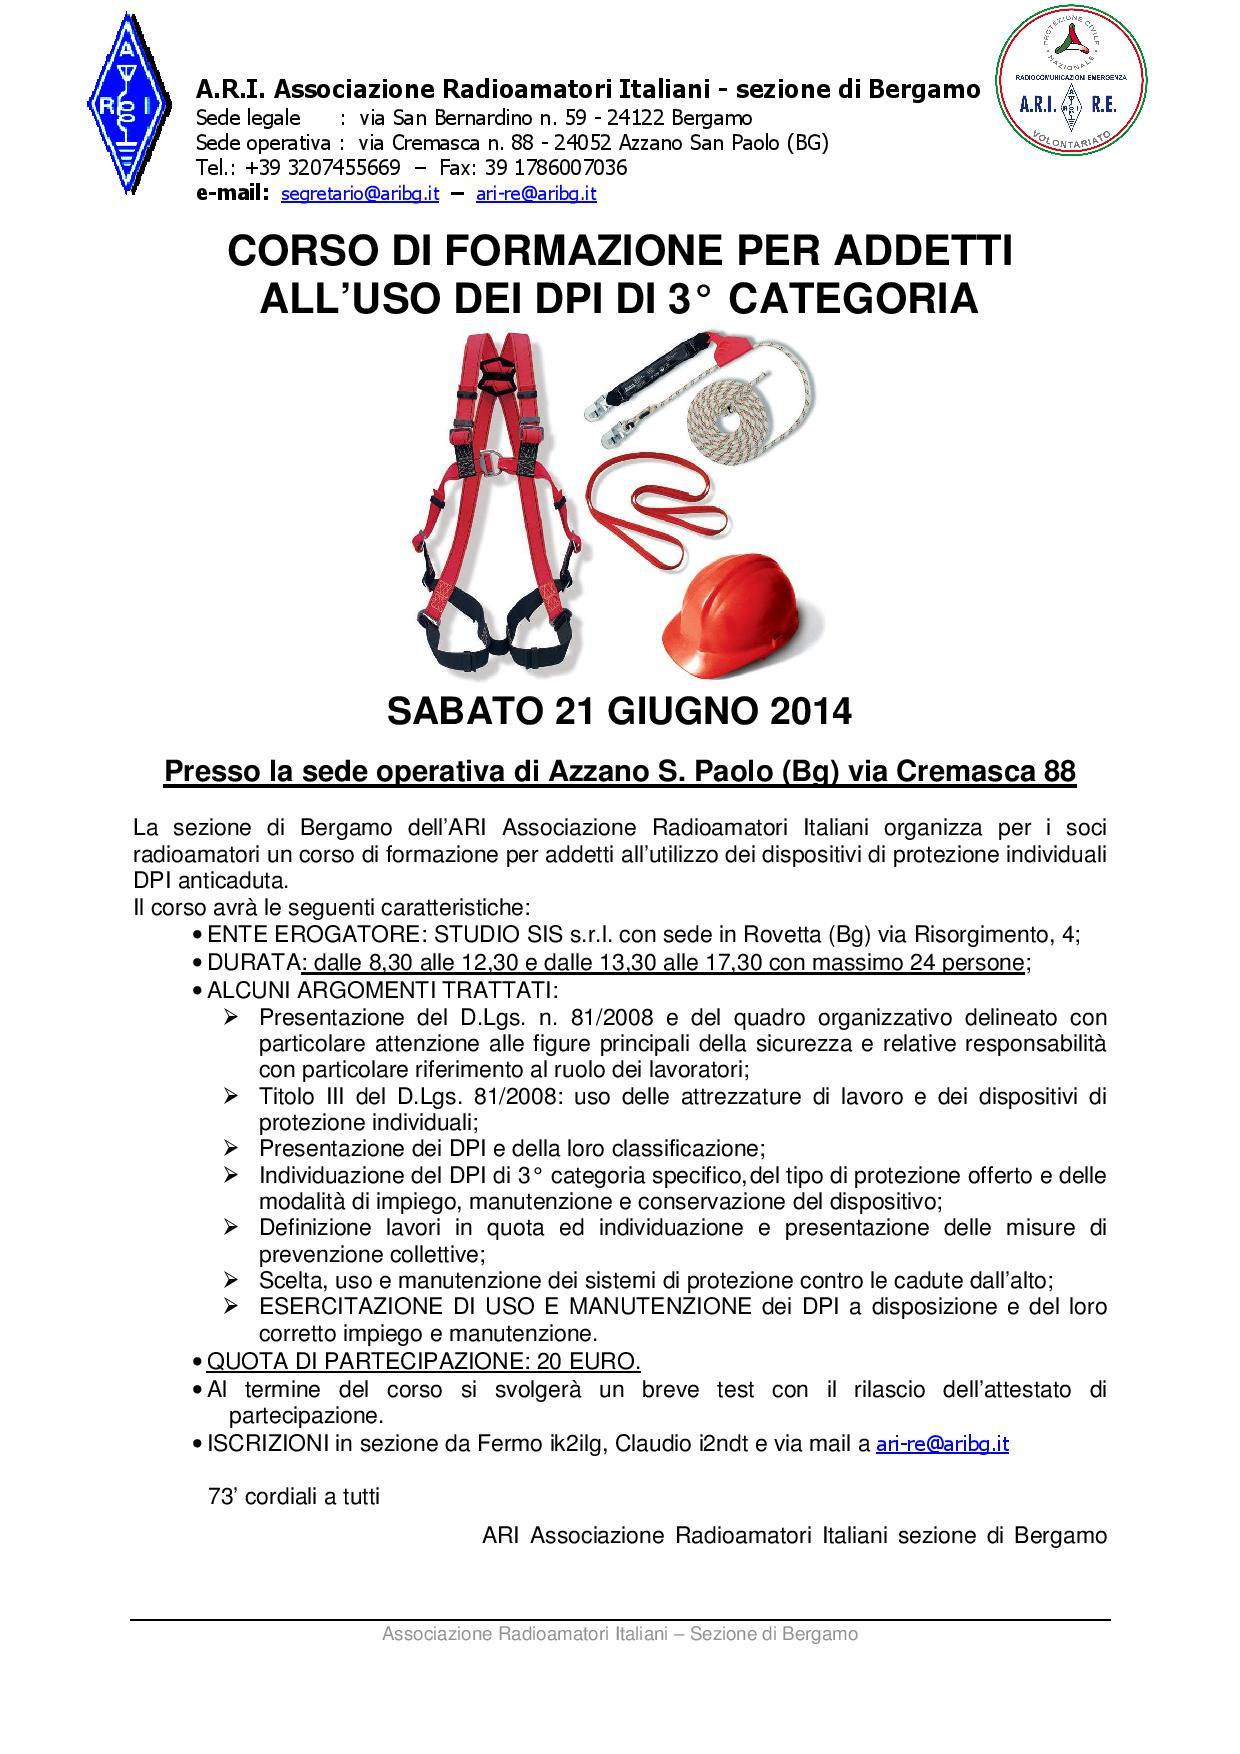 CORSO ADDETTI USO DPI 3° CATEGORIA-page-001